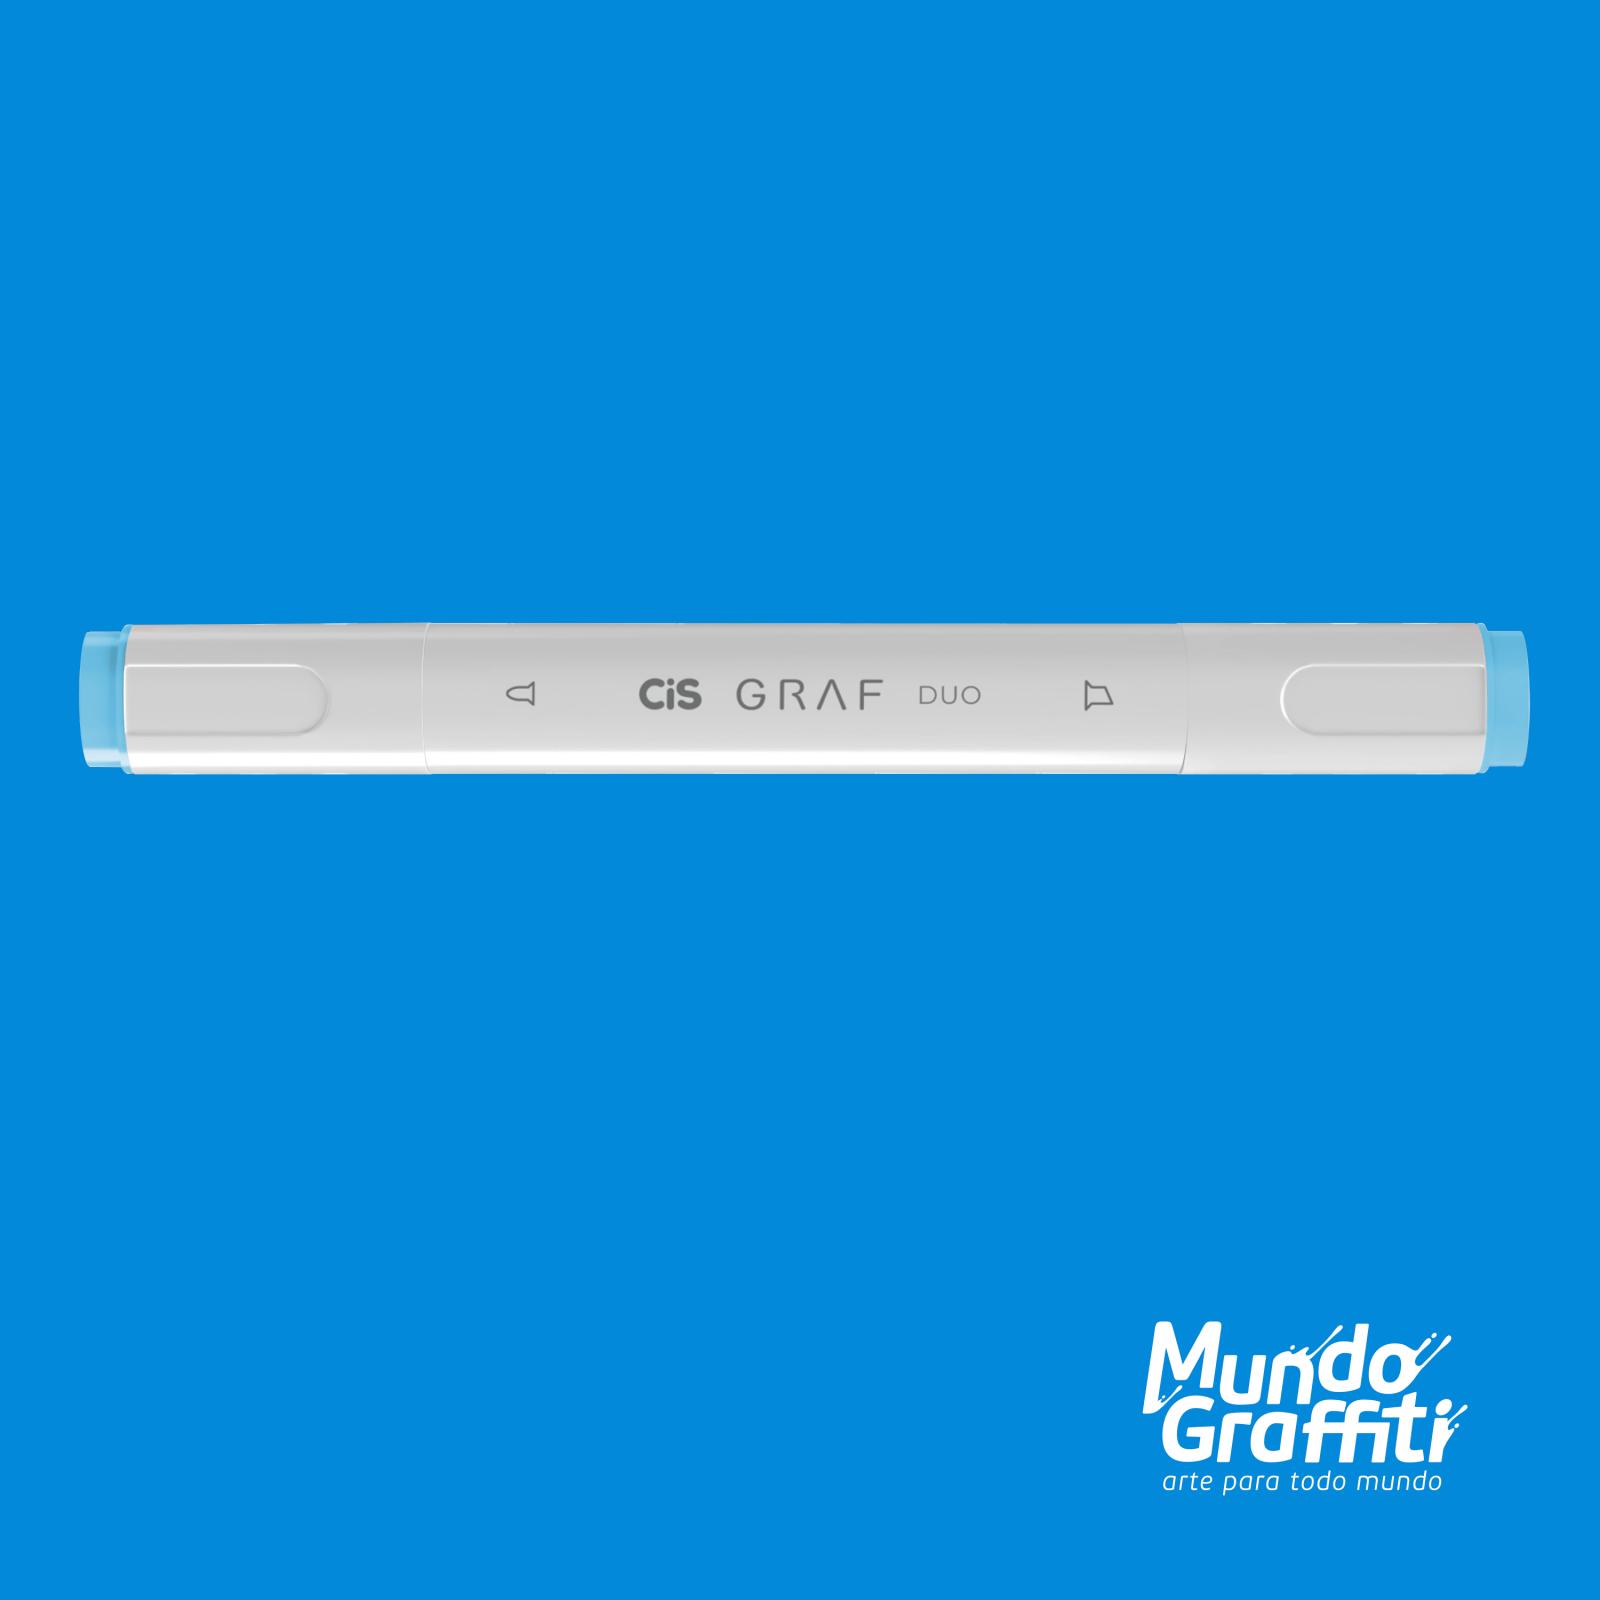 Marcador Cis Graf Duo Sky Blue 76 - Mundo Graffiti